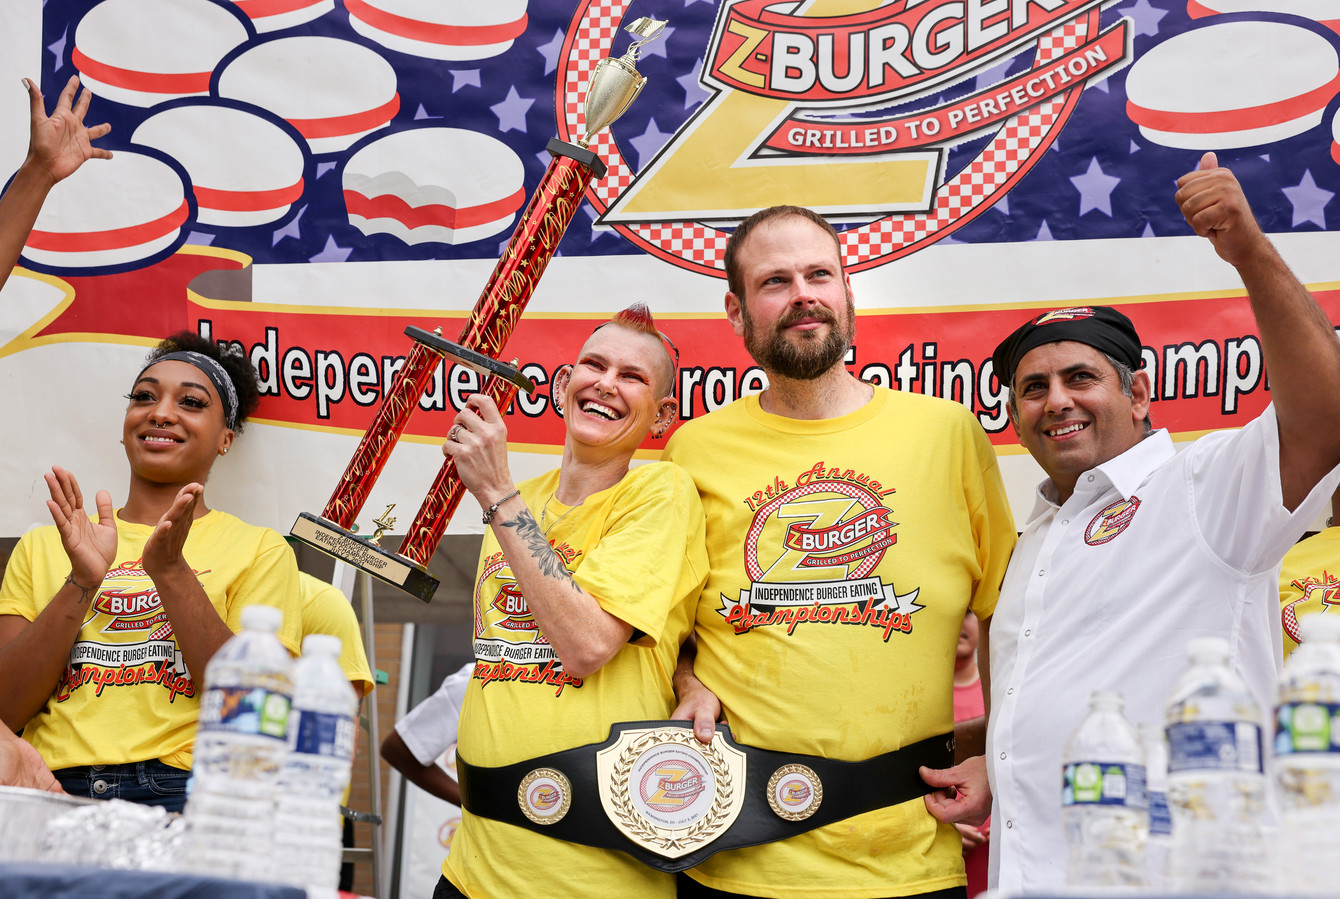 Molly Schuyler en Dan 'Killer' Kenney konden elk 34 hamburgers naar binnen werken. De kampioenschapsband en de troffee moeten ze delen.